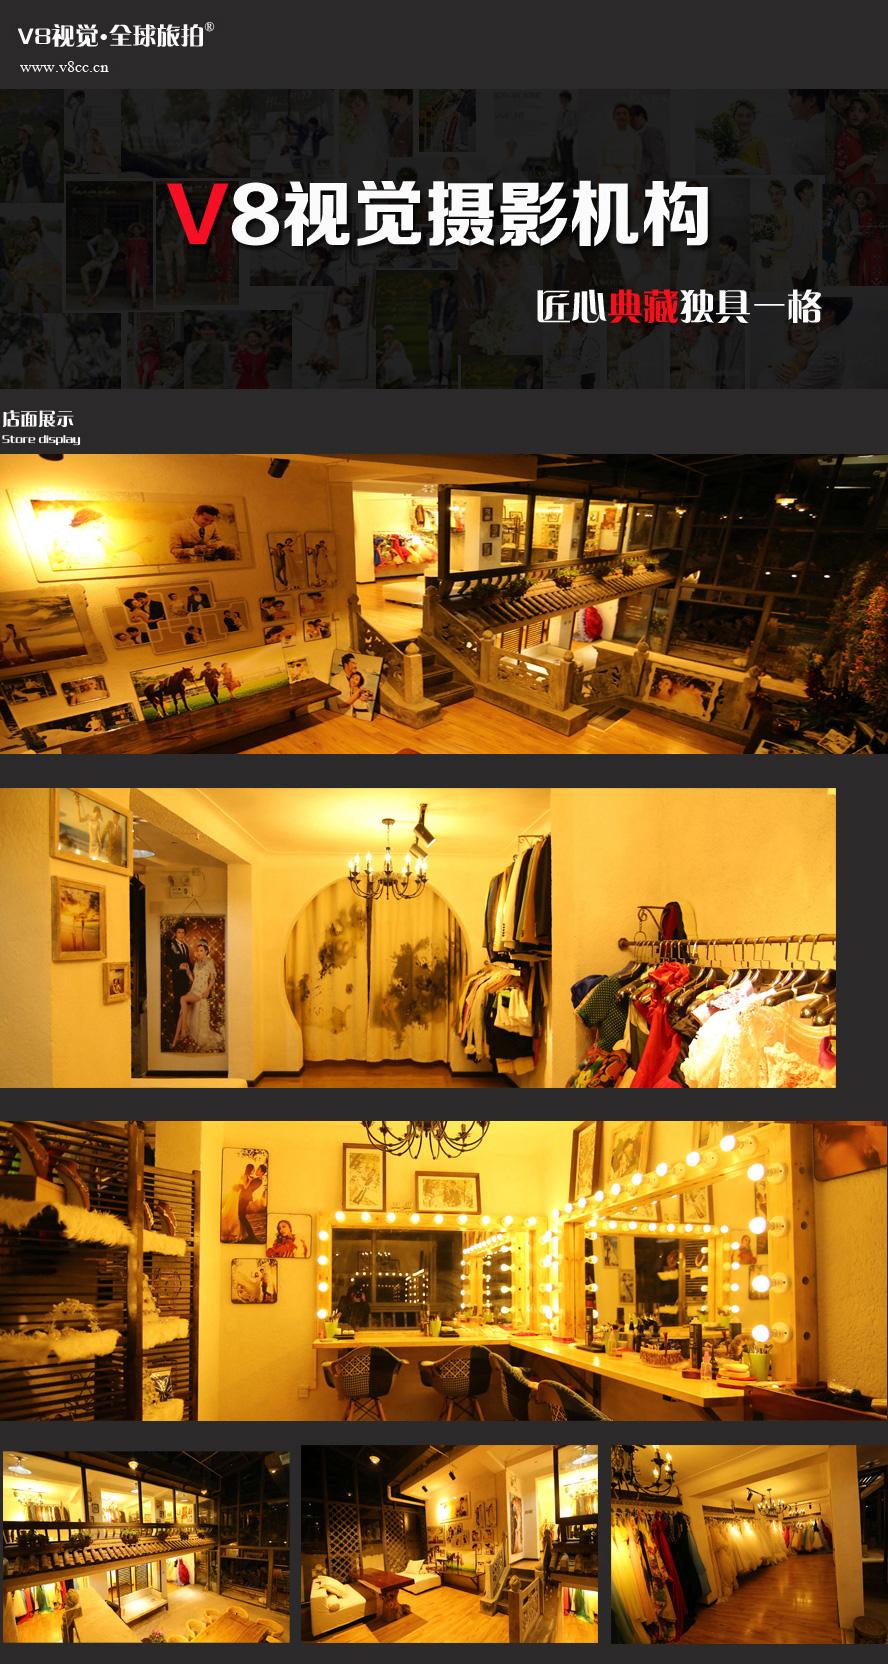 旅游摄影洱海拍照推荐_创意照片摄影、摄像服务拍照价格-大理市视觉摄影工作室